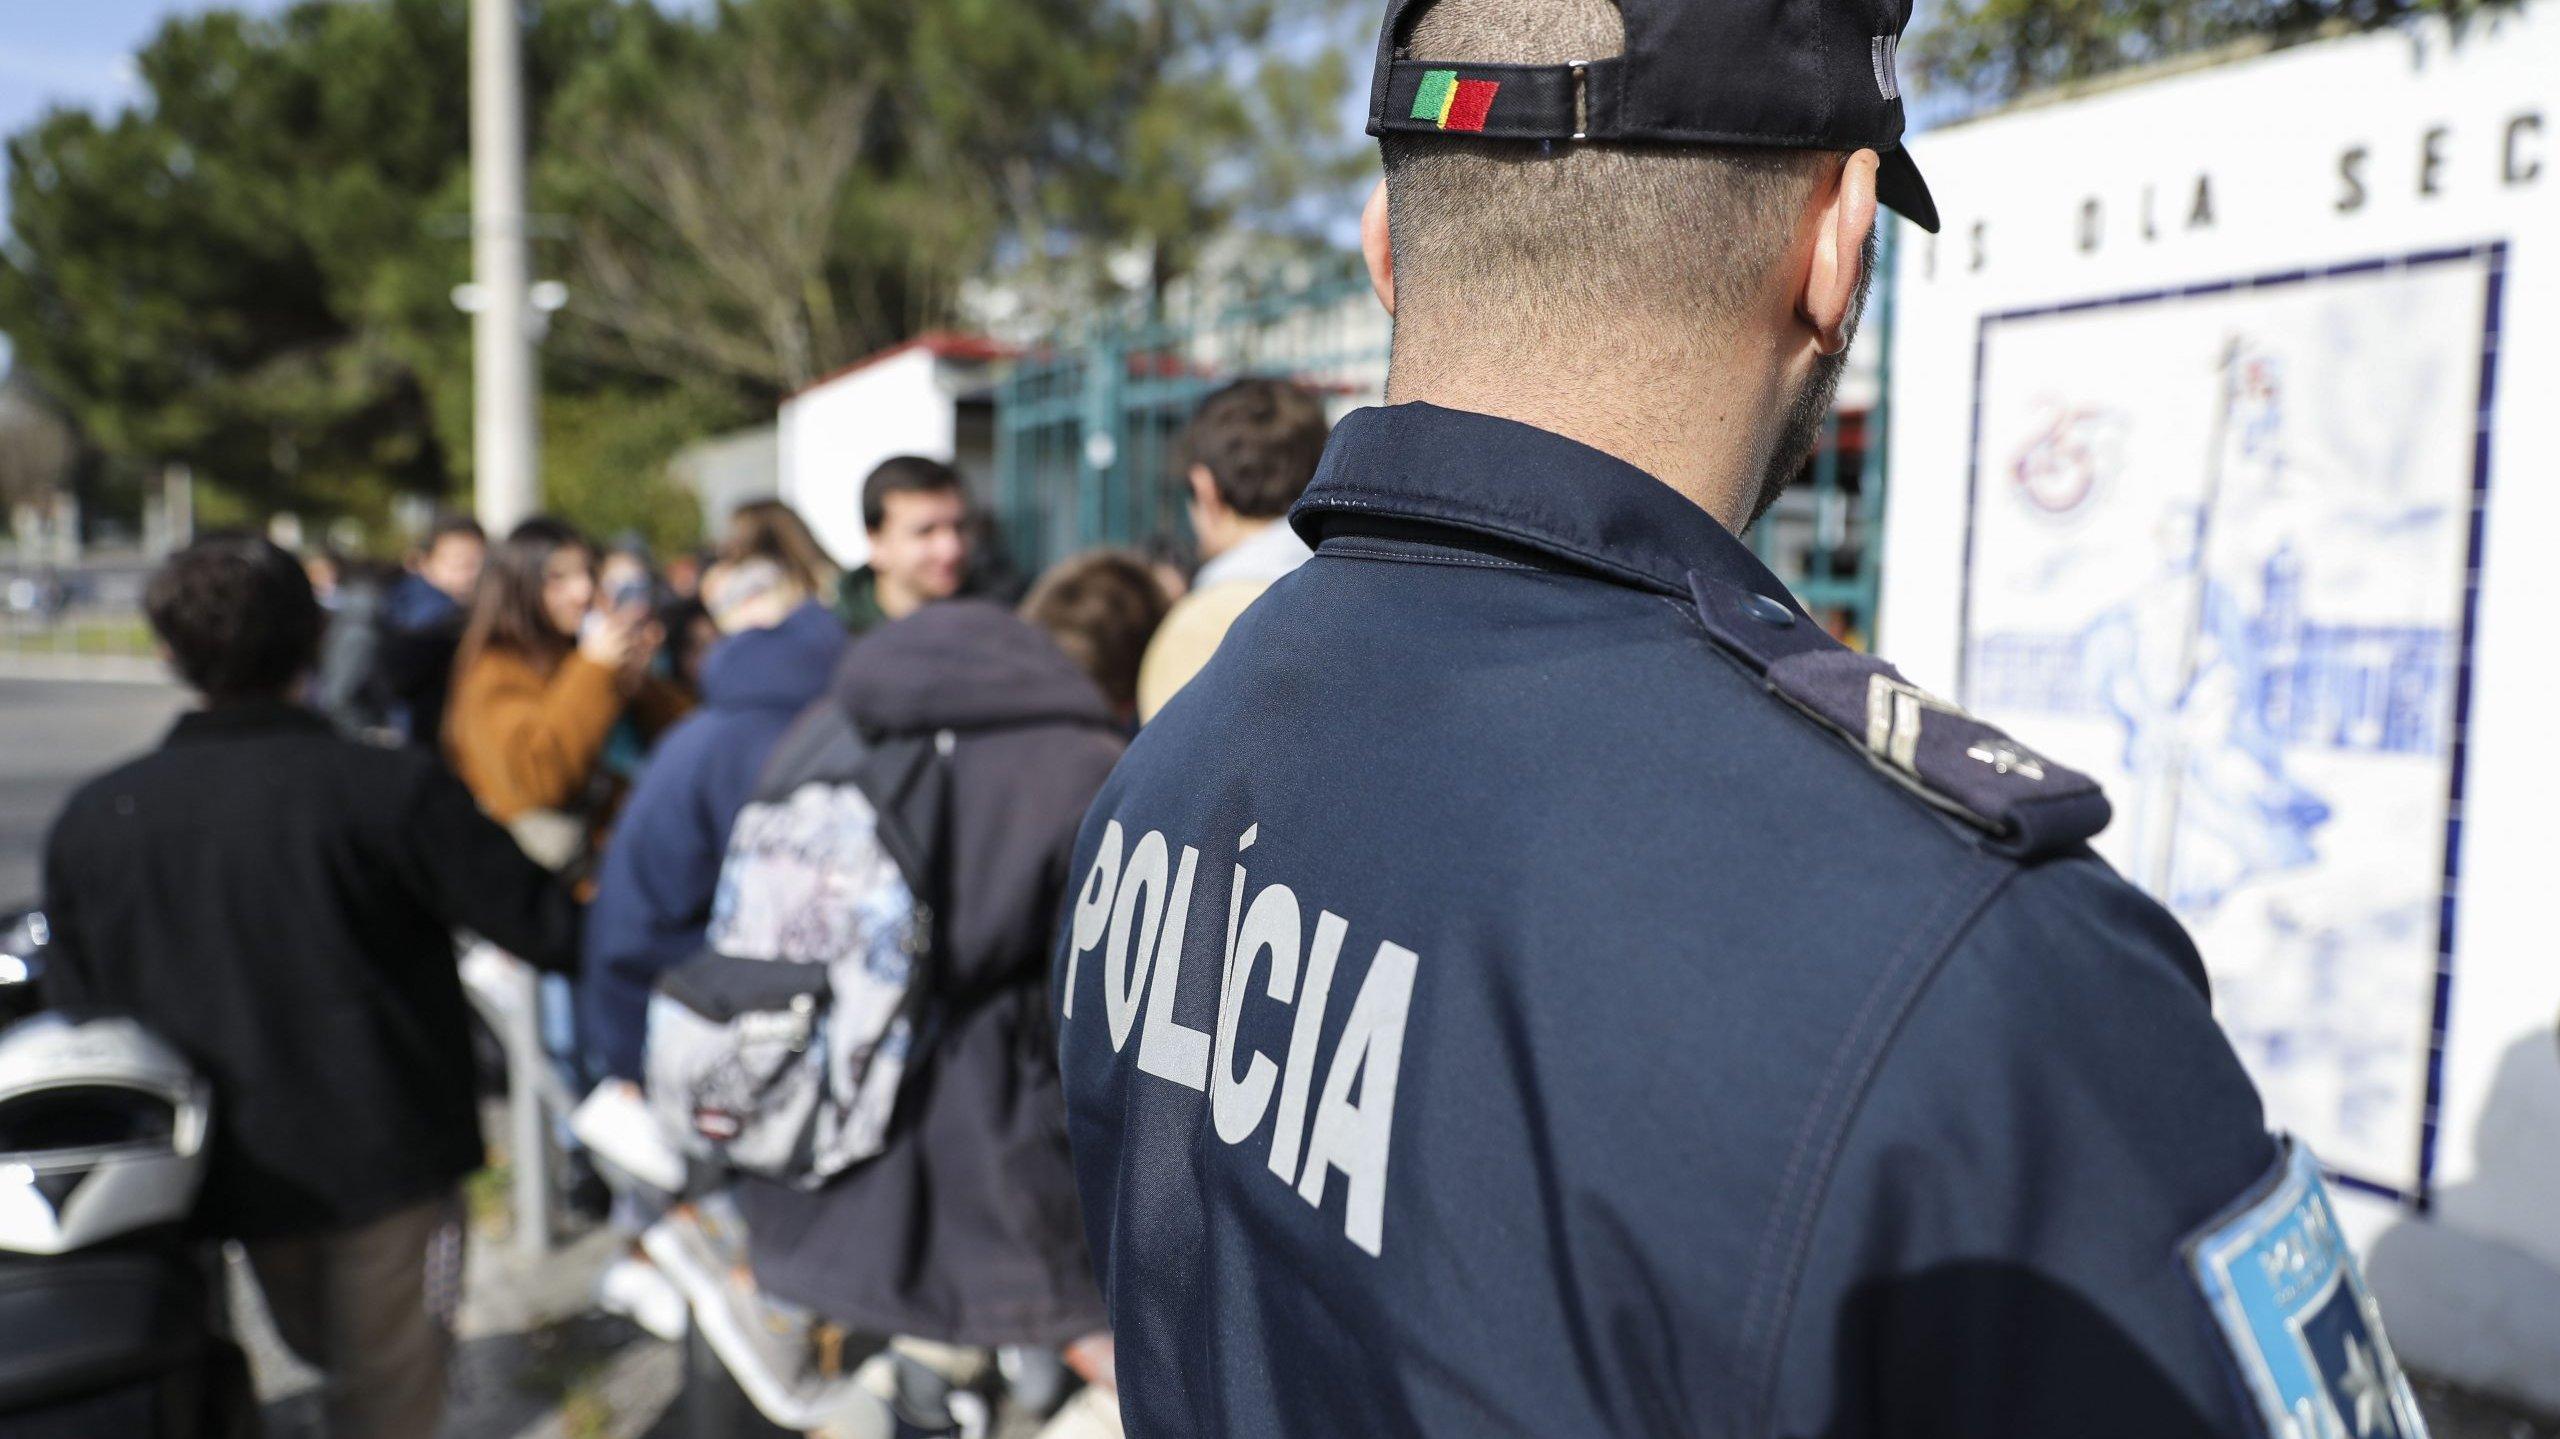 Reportagem sobre violência nas escolas com equipa da PSP/Escola Segura